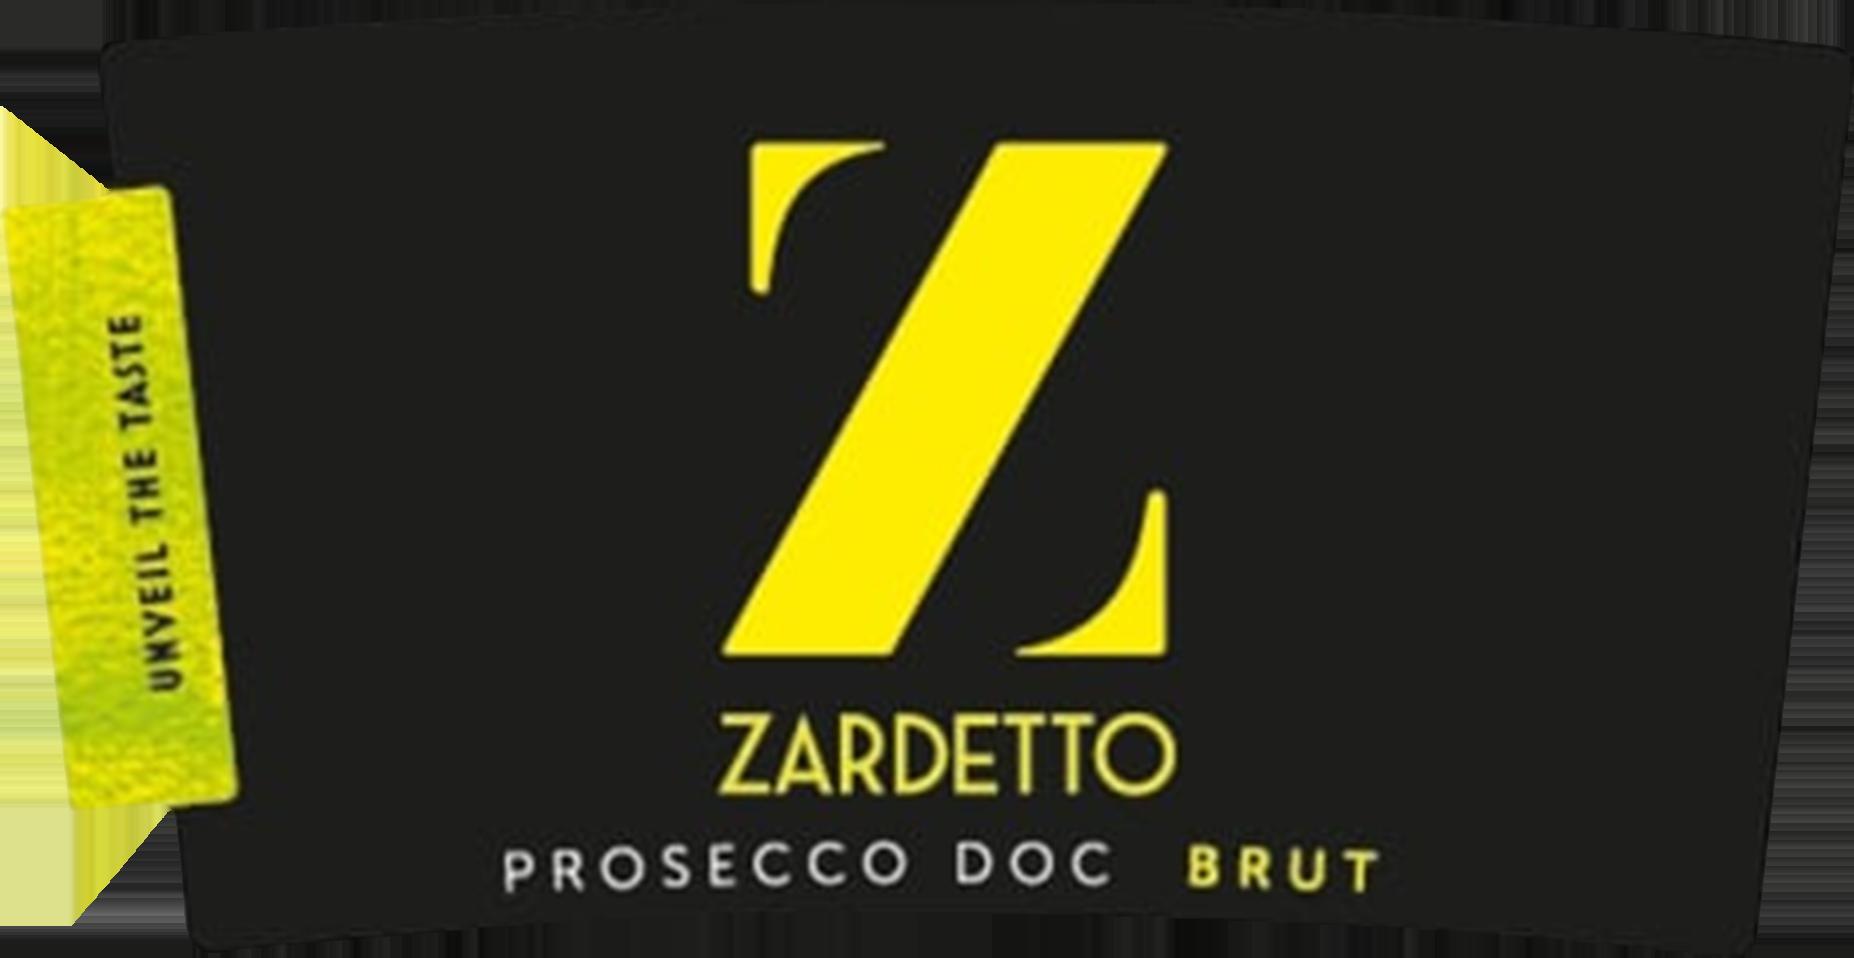 Zardetto Brut Prestige